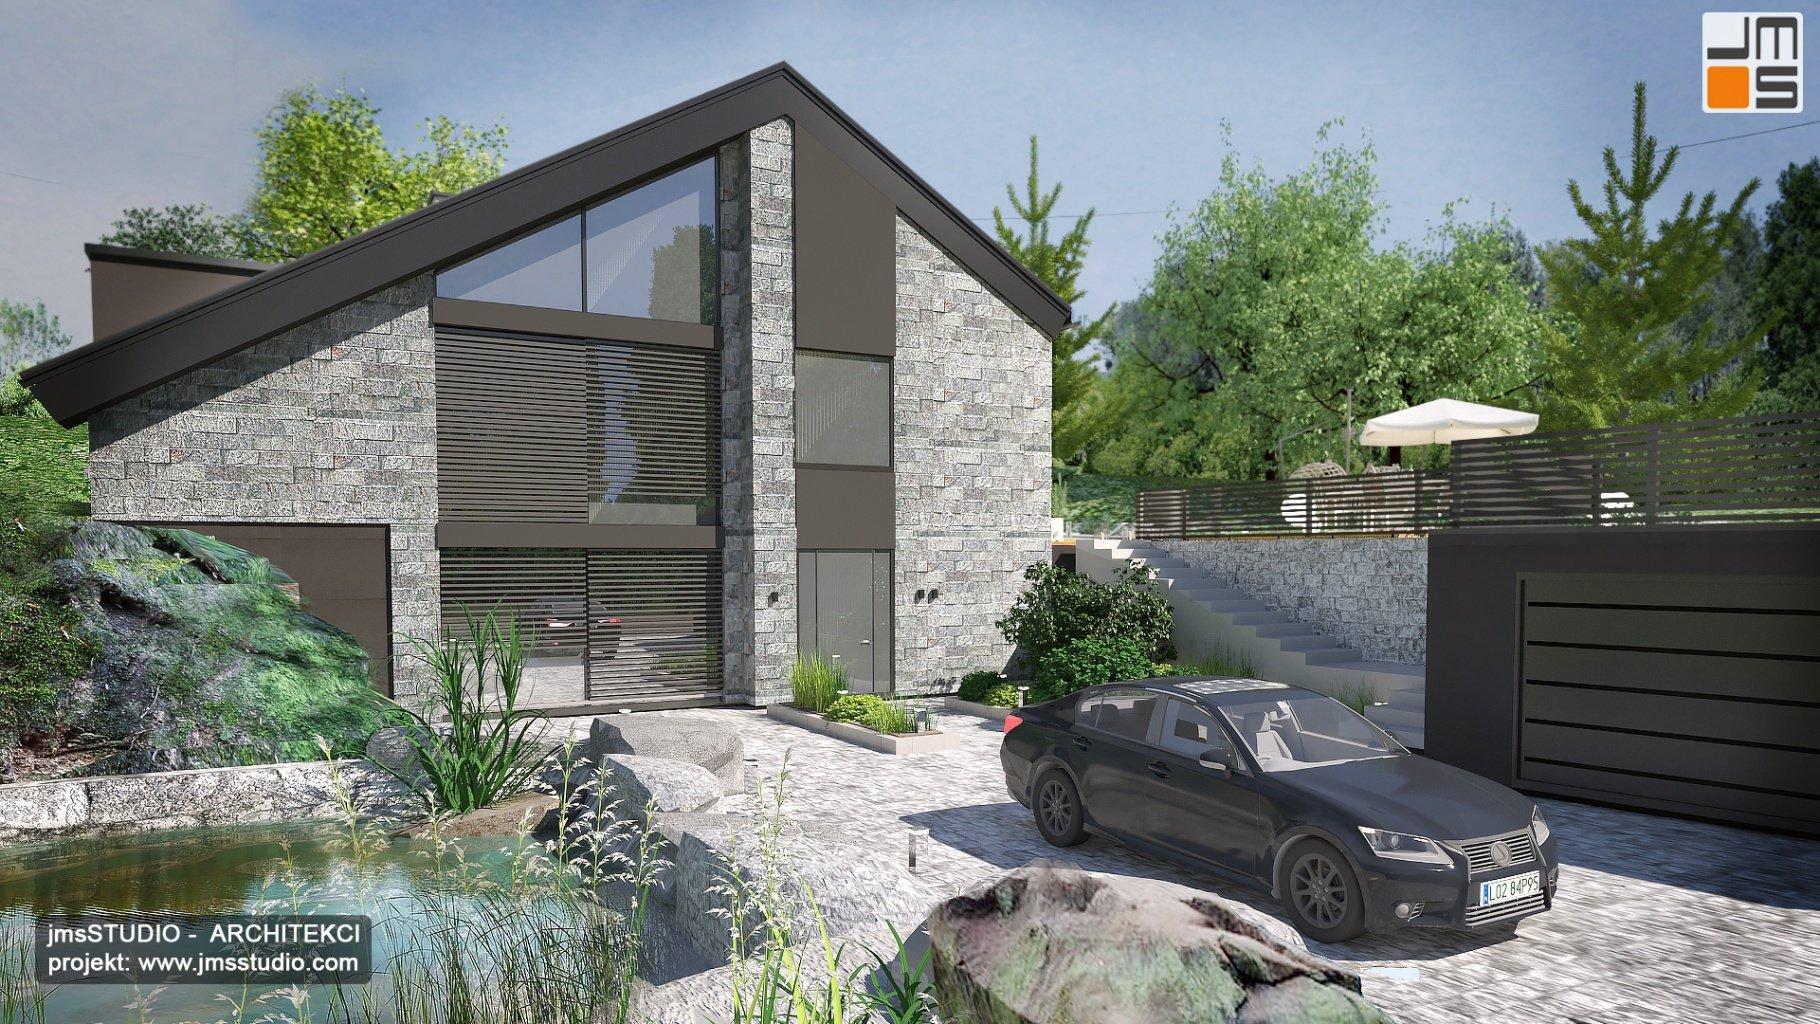 Projekt dużej rezydencji z basenem w Górnej  Austrii - projekt przebudowy domu z lat 70-tych w górach